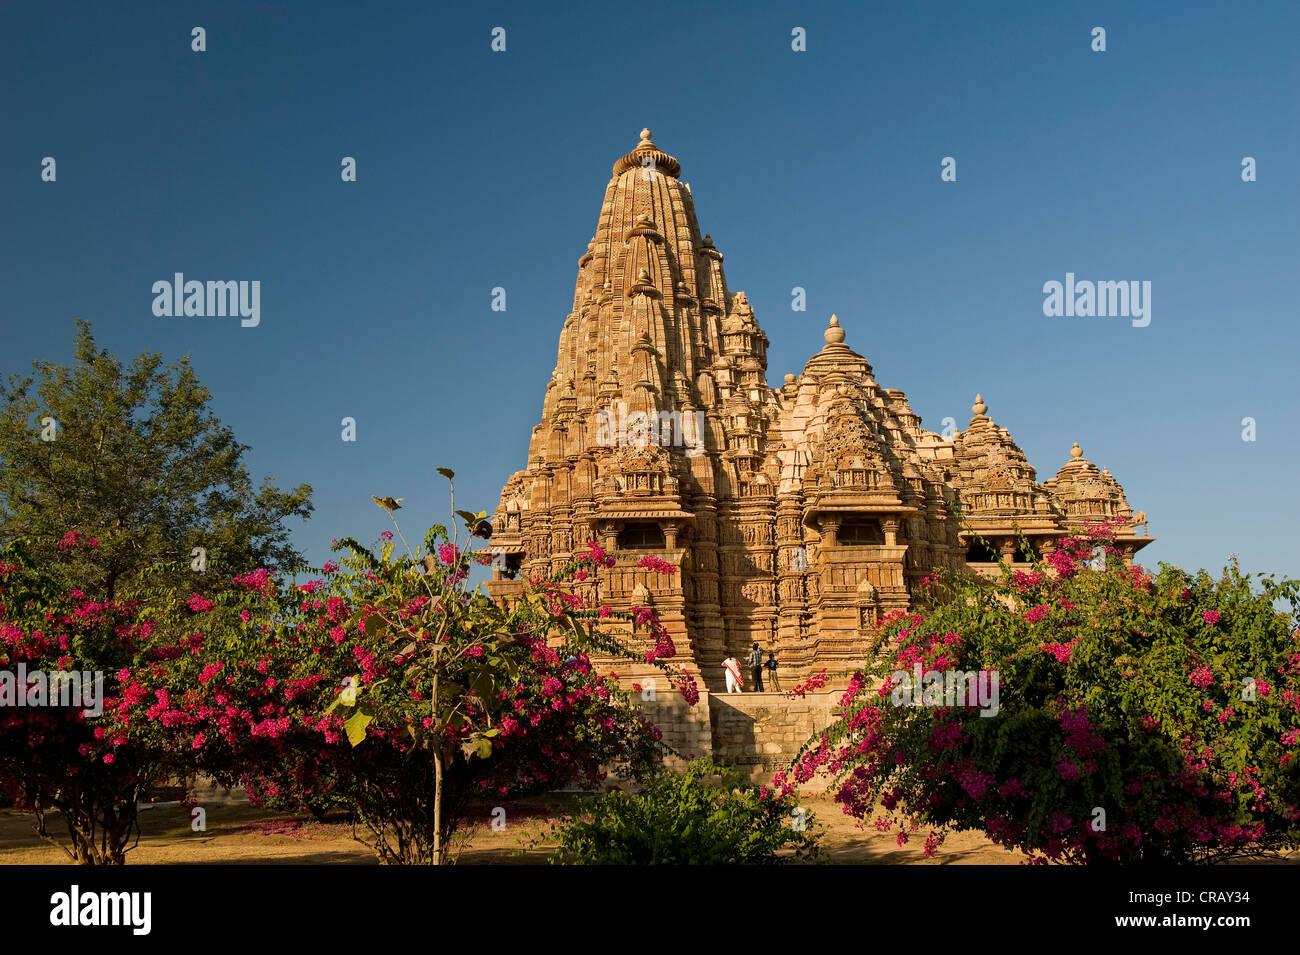 Khajuraho Group of Monuments, UNESCO World Heritage Site, Madhya Pradesh, India, Asia - Stock Image